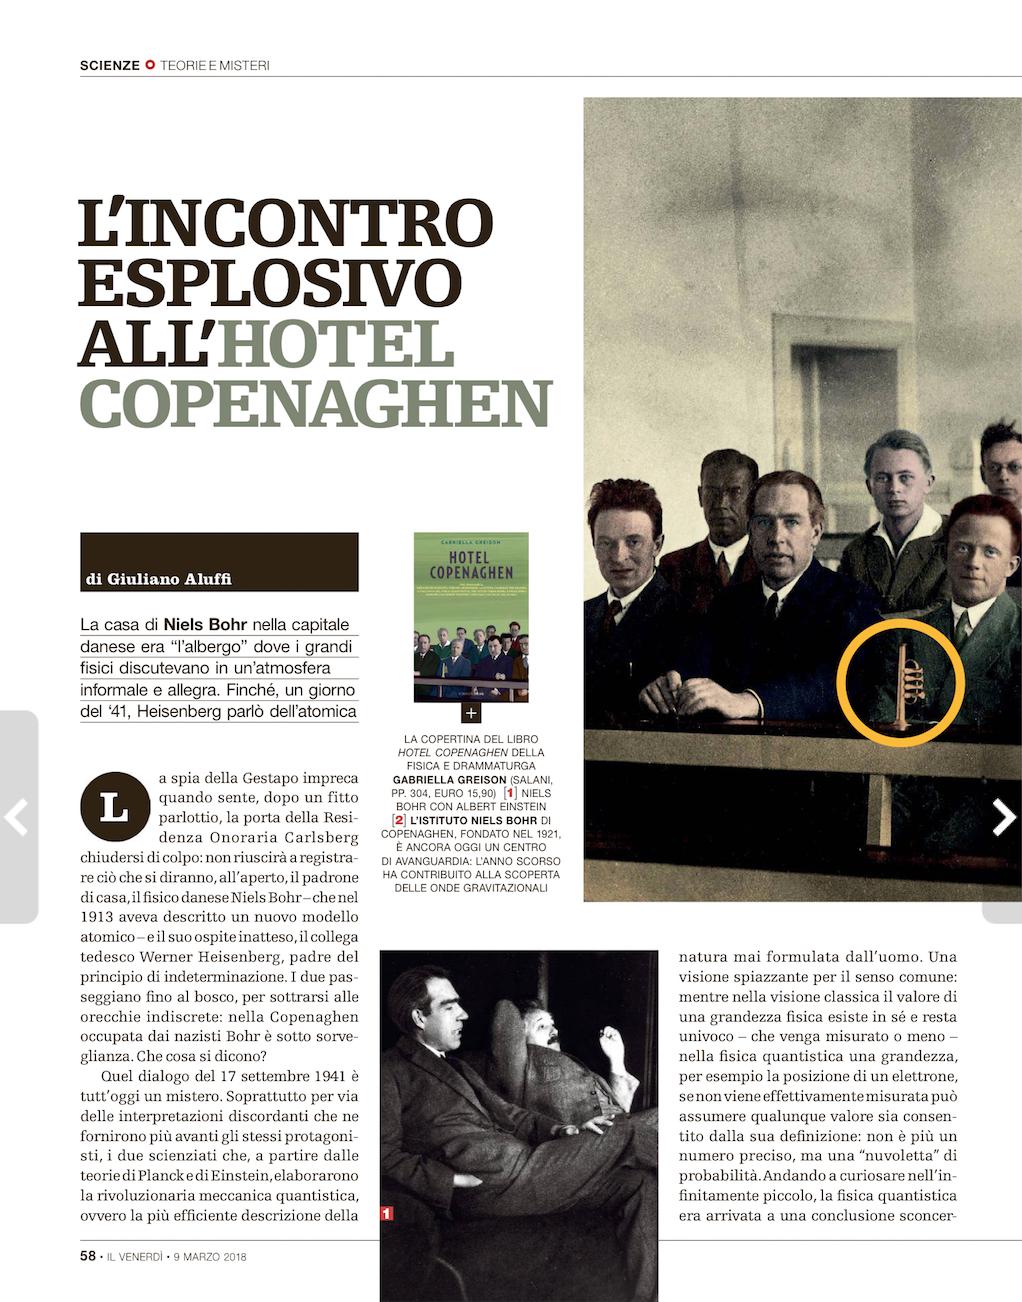 Anteprima del mio nuovo romanzo HOTEL COPENAGHEN oggi sul 'Venerdì di Repubblica' con tre pagine bellissime! E il libro esce giovedì…prenotatelo di già!